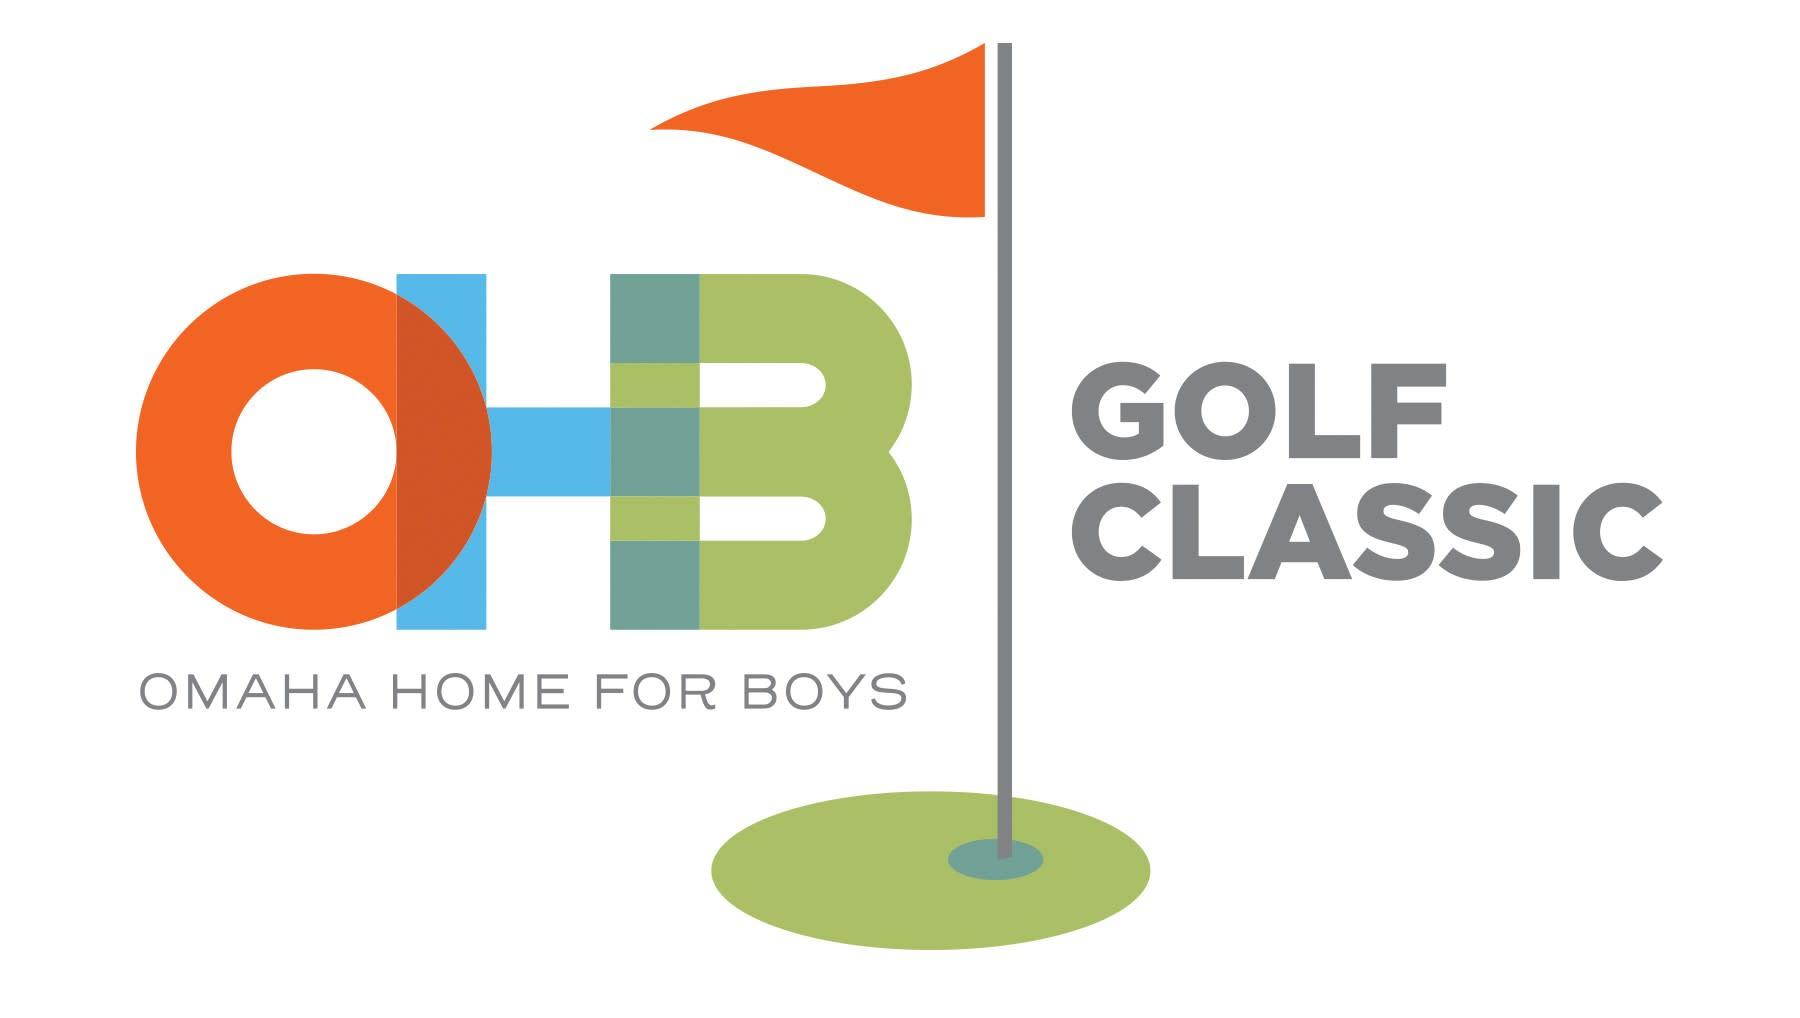 OHB Golf Classic logo